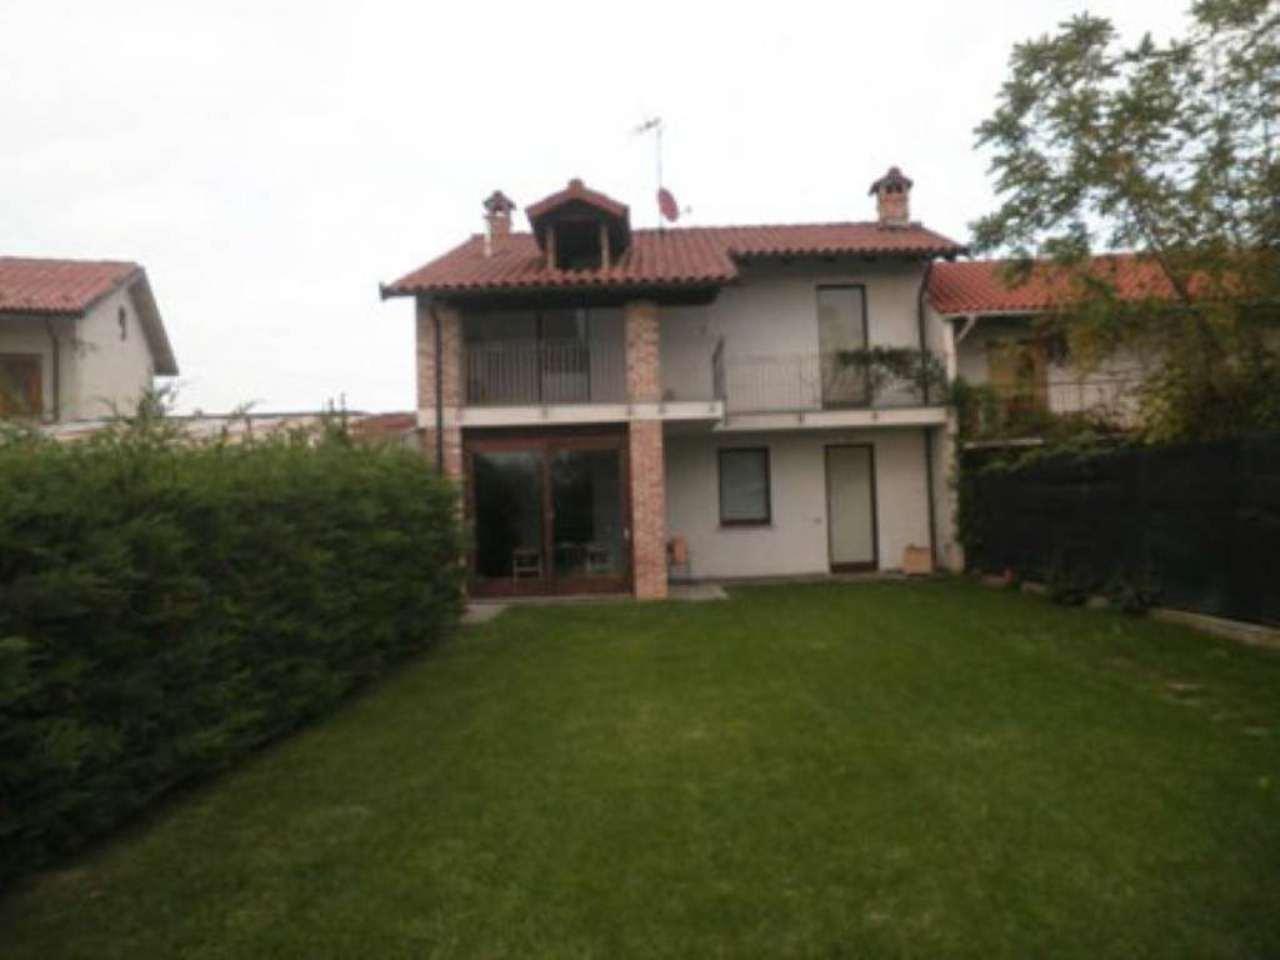 Soluzione Indipendente in vendita a Salmour, 4 locali, prezzo € 197.000 | CambioCasa.it